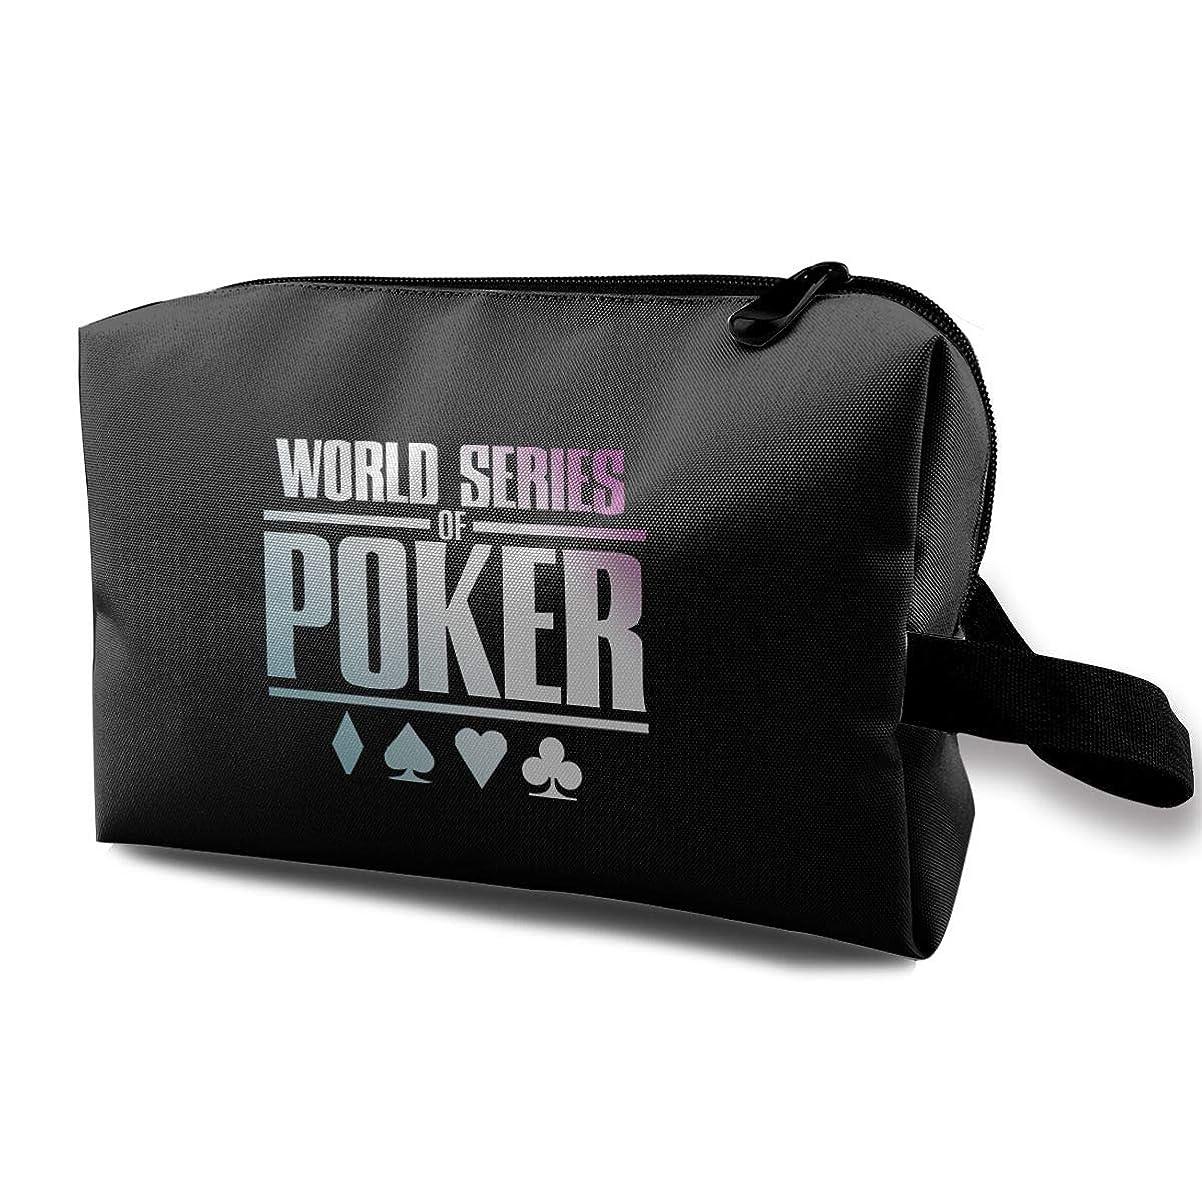 アンプ出口苦難World Series Of Poker ゲーム 化粧ポーチ メイクポーチ コスメケース 洗面用具入れ 小物入れ 大容量 化粧品収納 コスメ 出張 海外 旅行バッグ 普段使い 軽量 防水 持ち運び